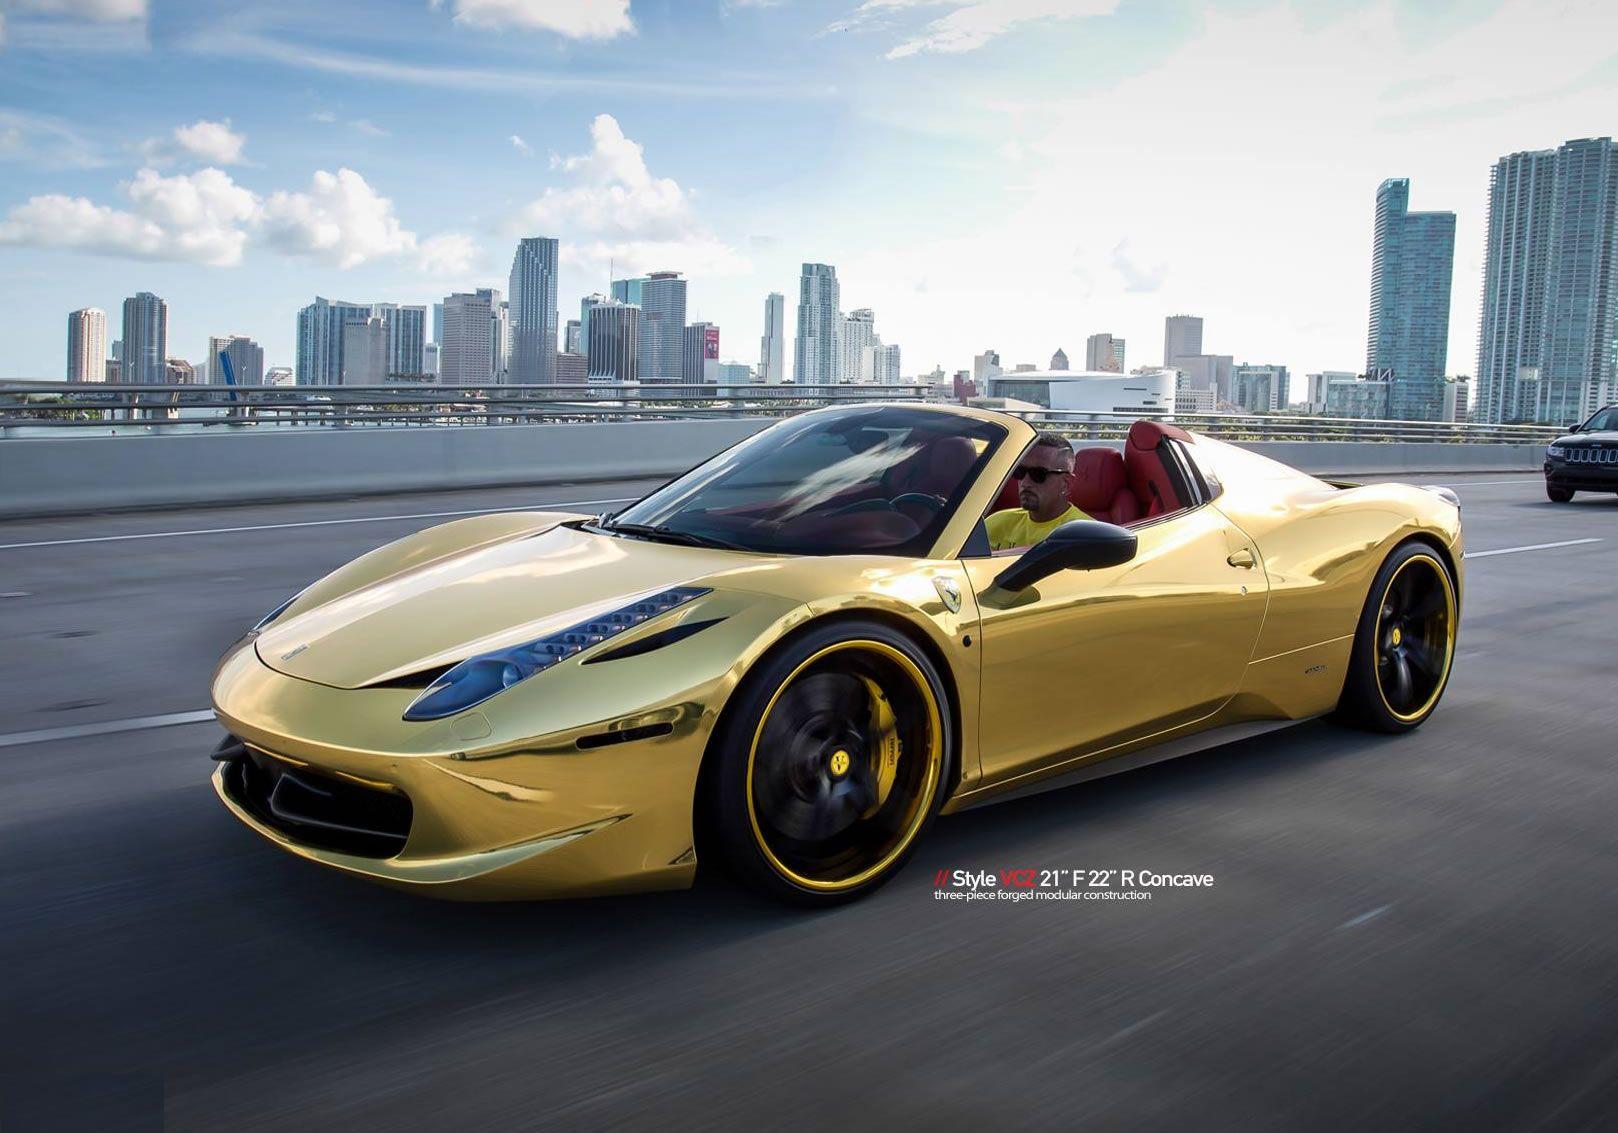 Gold Ferrari Wallpapers - Wallpaper Cave